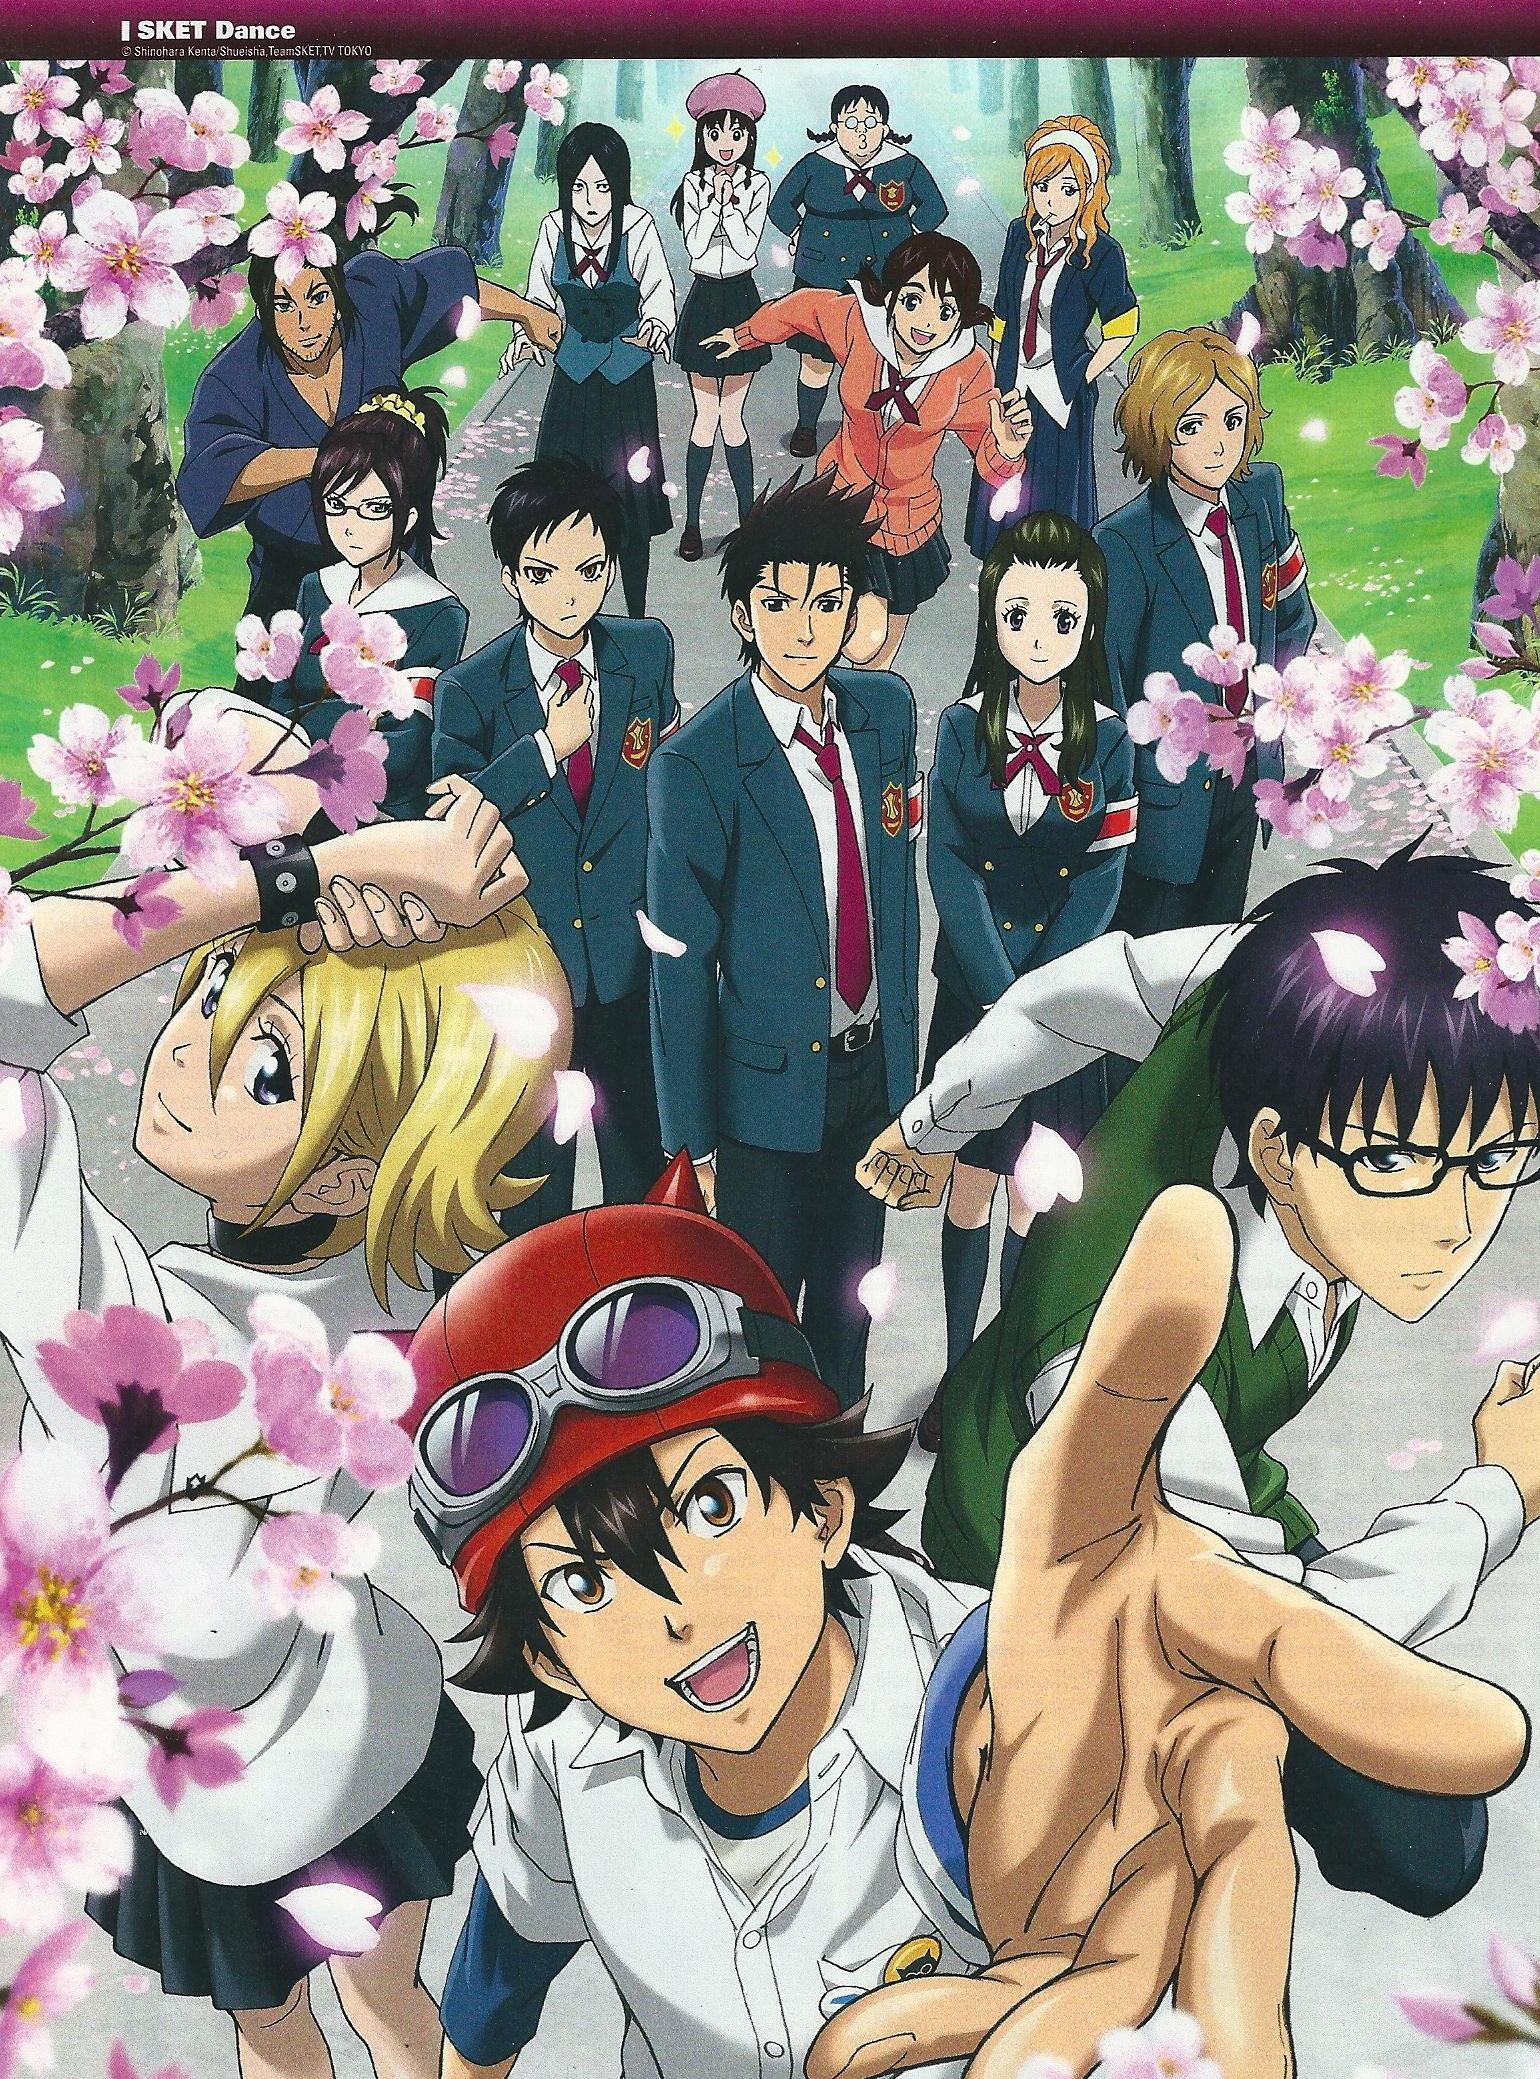 Sket Dance Shinohara Kenta Image 622305 Zerochan Anime